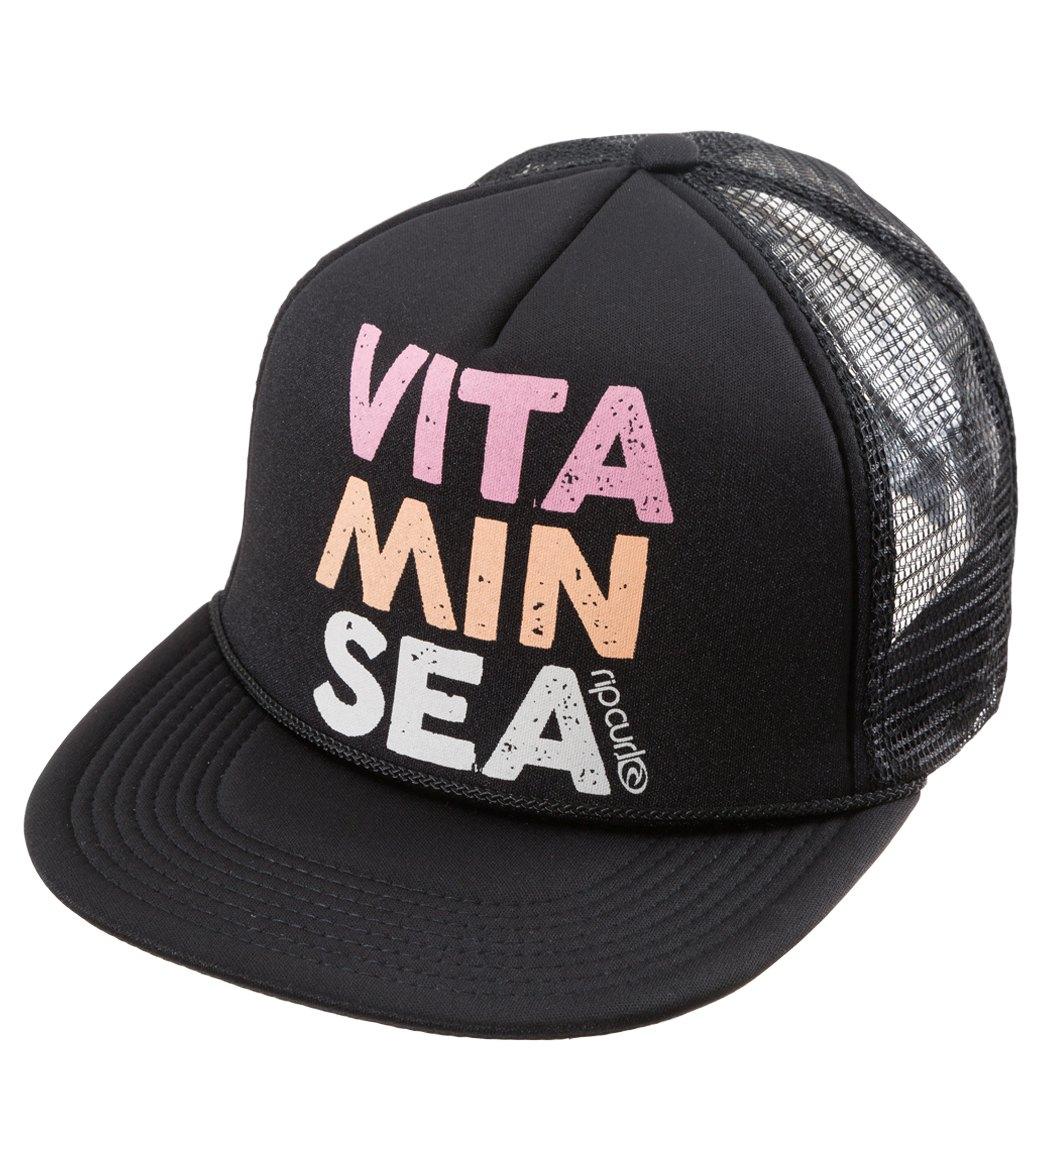 8819e387b71fc Rip Curl Vitamin Sea Trucker Hat at SwimOutlet.com